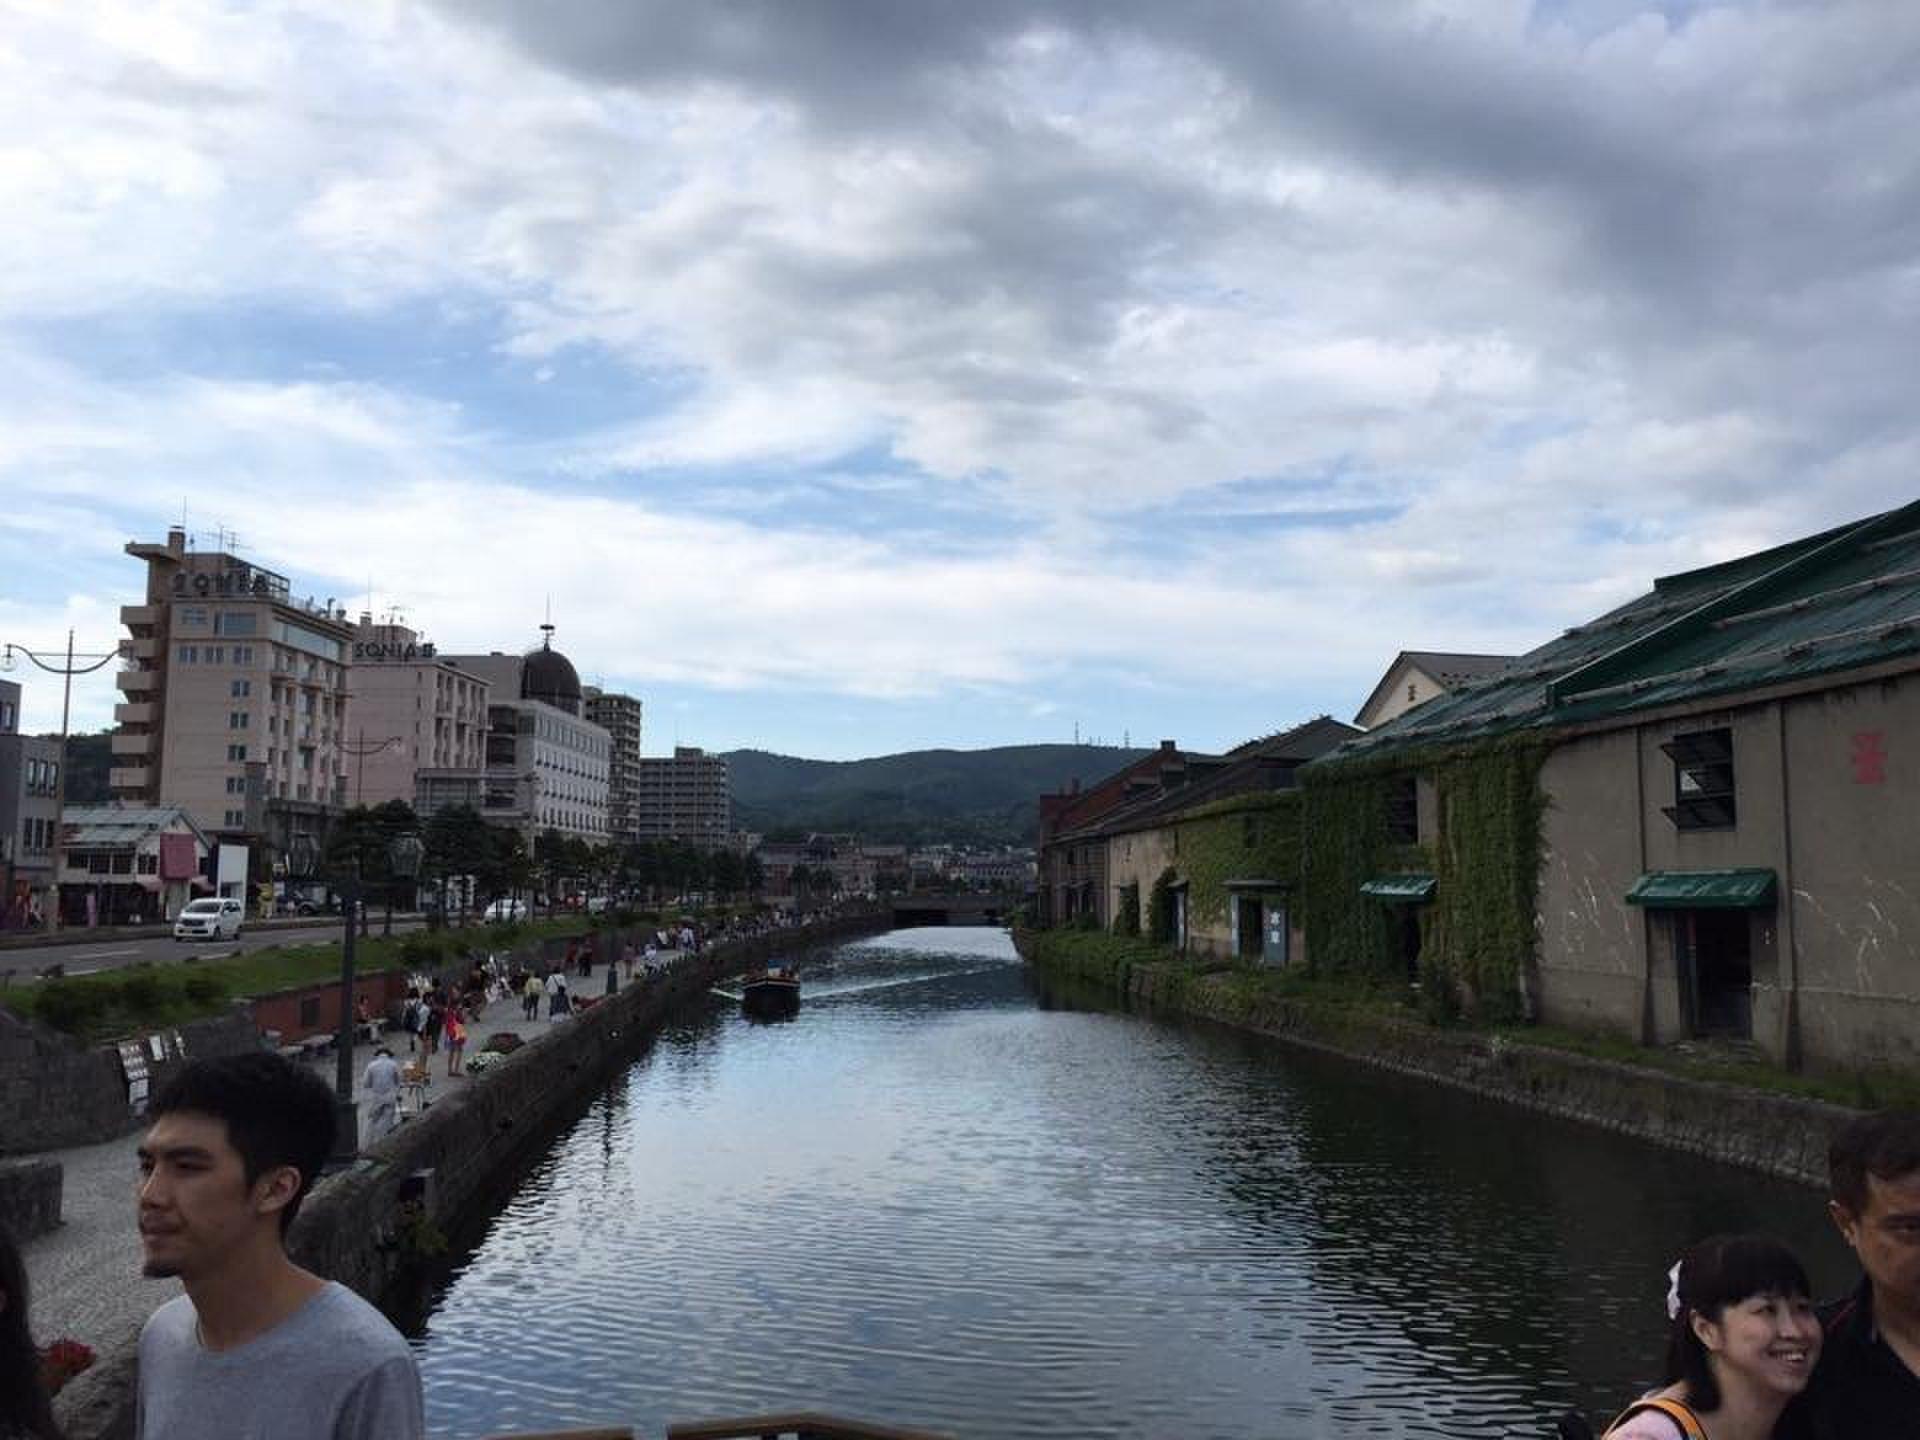 【小樽で観光】街並みの綺麗な小樽でお散歩&手作り体験